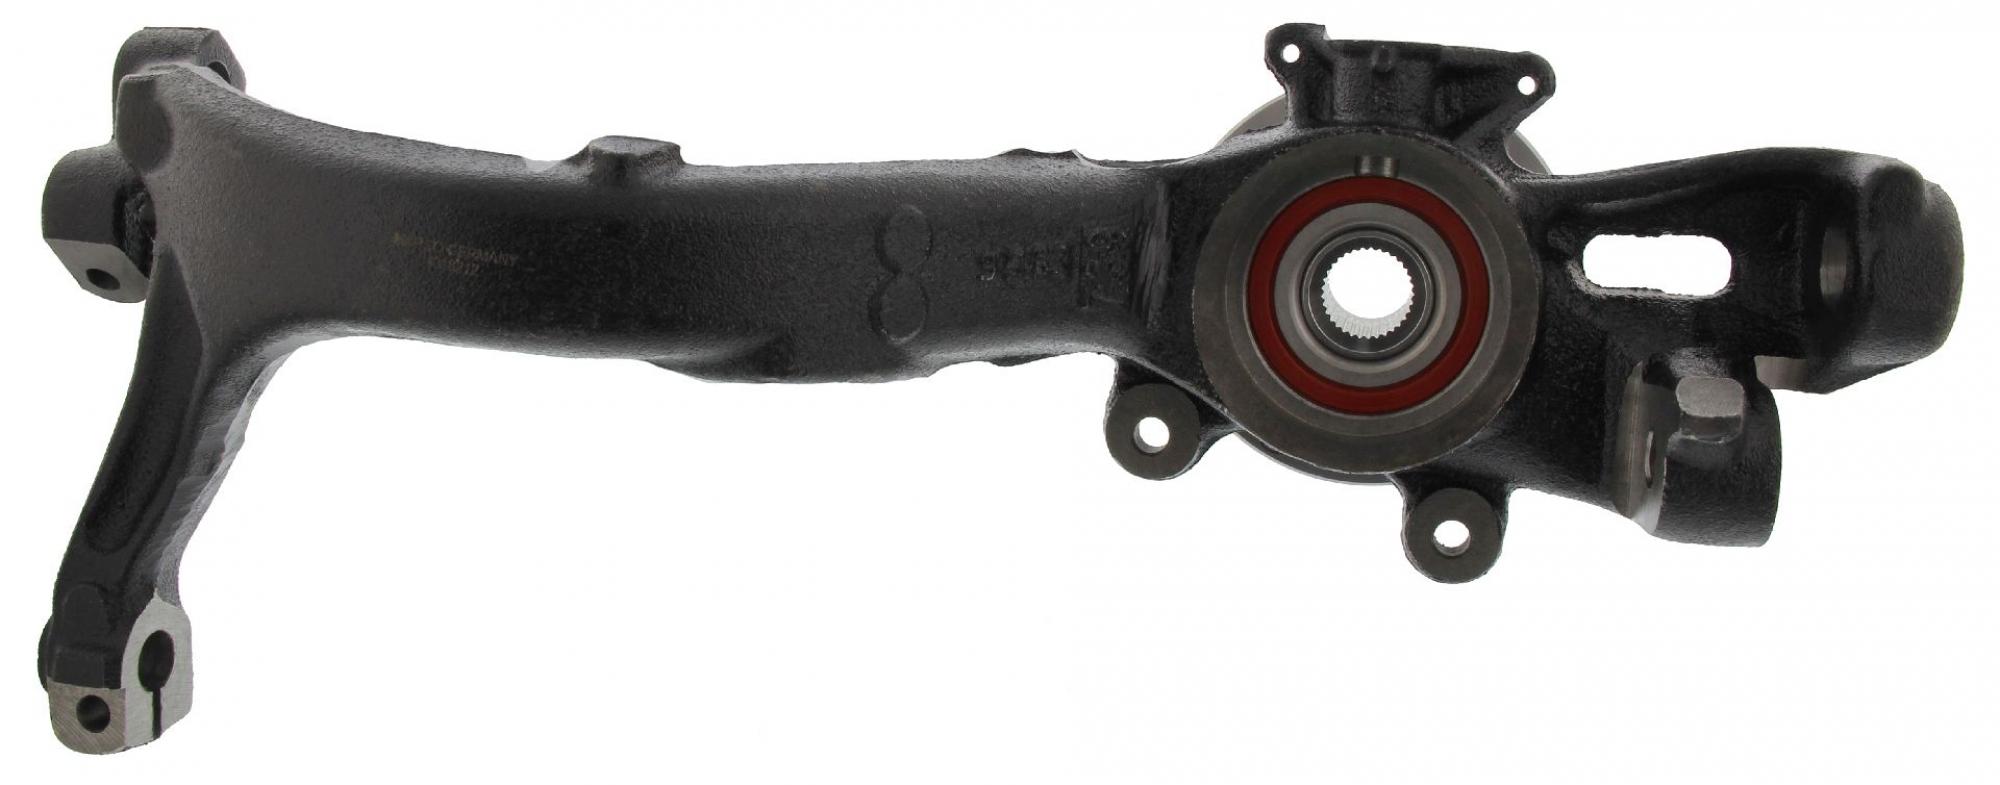 MAPCO 107751/4 Achsschenkel Radlagergehäuse Ø75mm Radlager vormontiert links Audi A4 B5